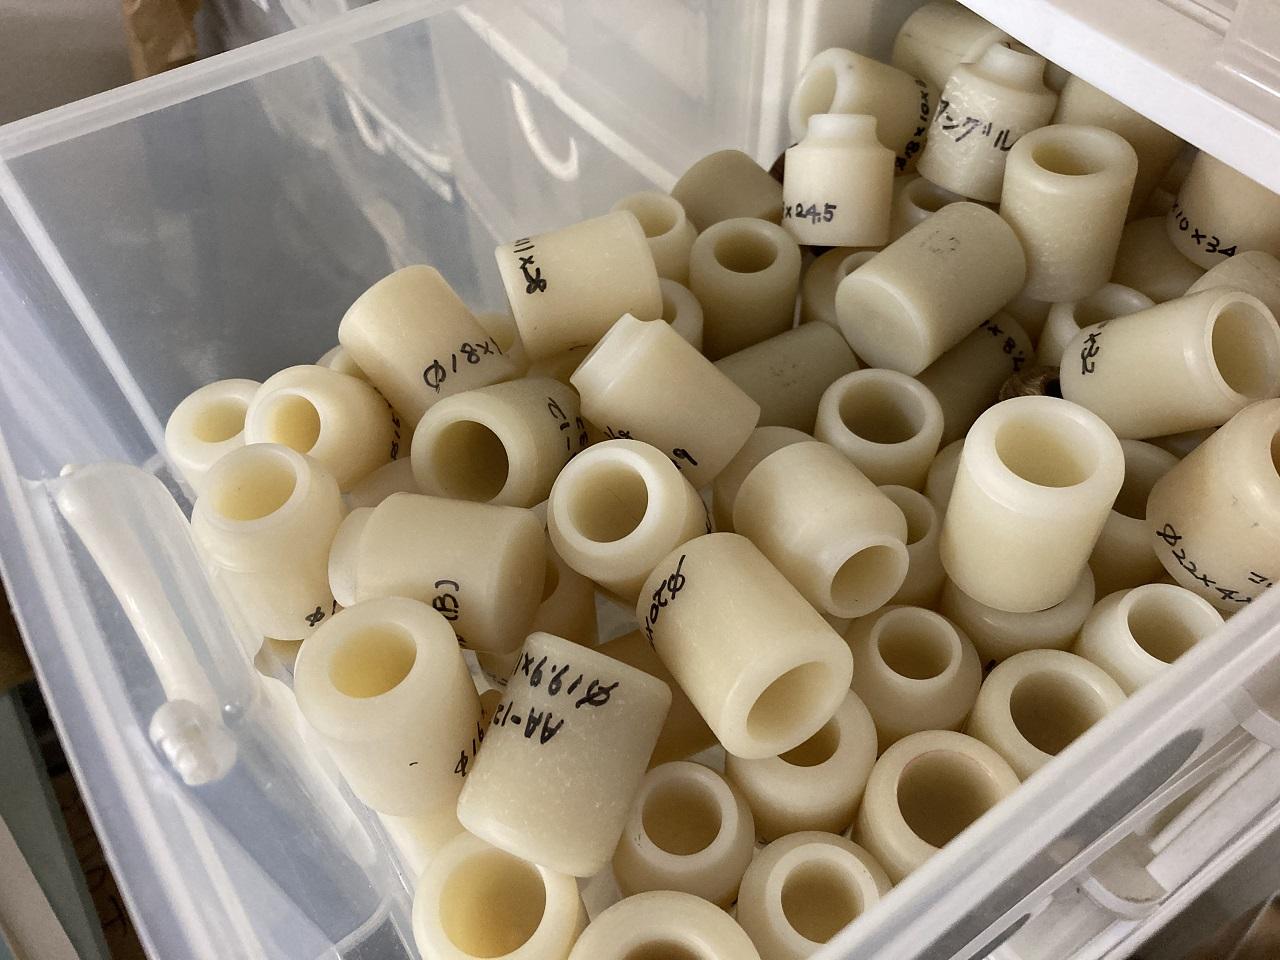 何段にも積み上げられた棚には、オリジナルのコマが何百個も入っている。